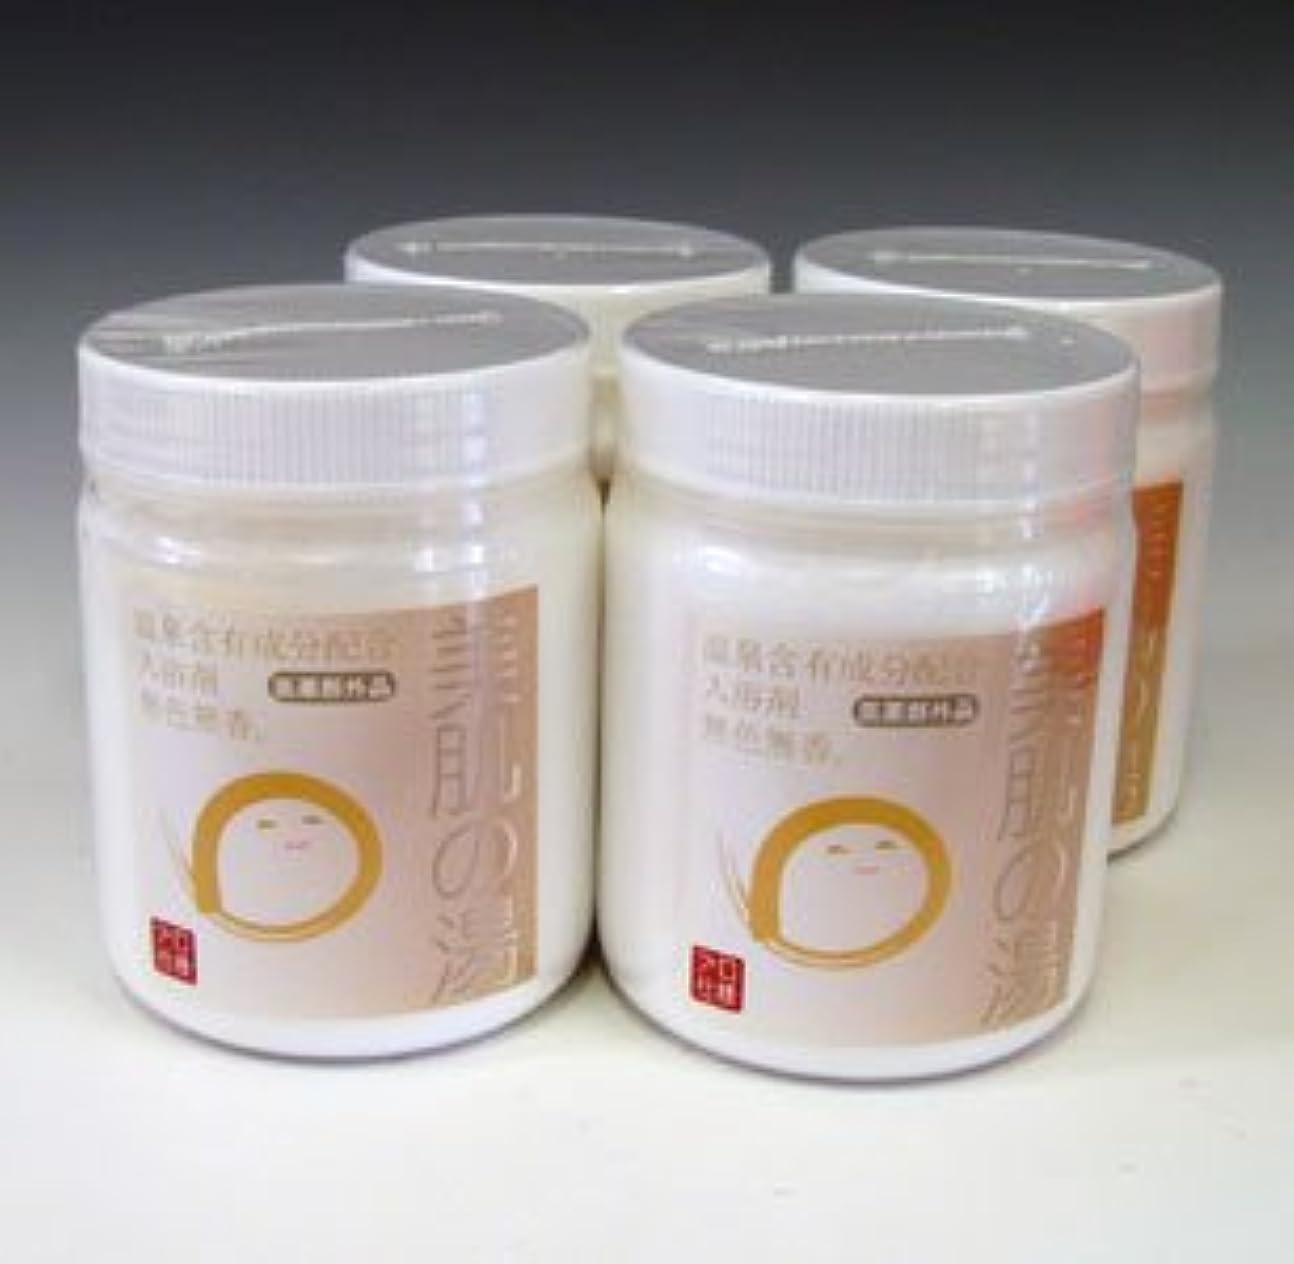 交じる消毒剤カラス温泉入浴剤 アルカリ単純泉PH9.5 美肌の湯600g 4本セット